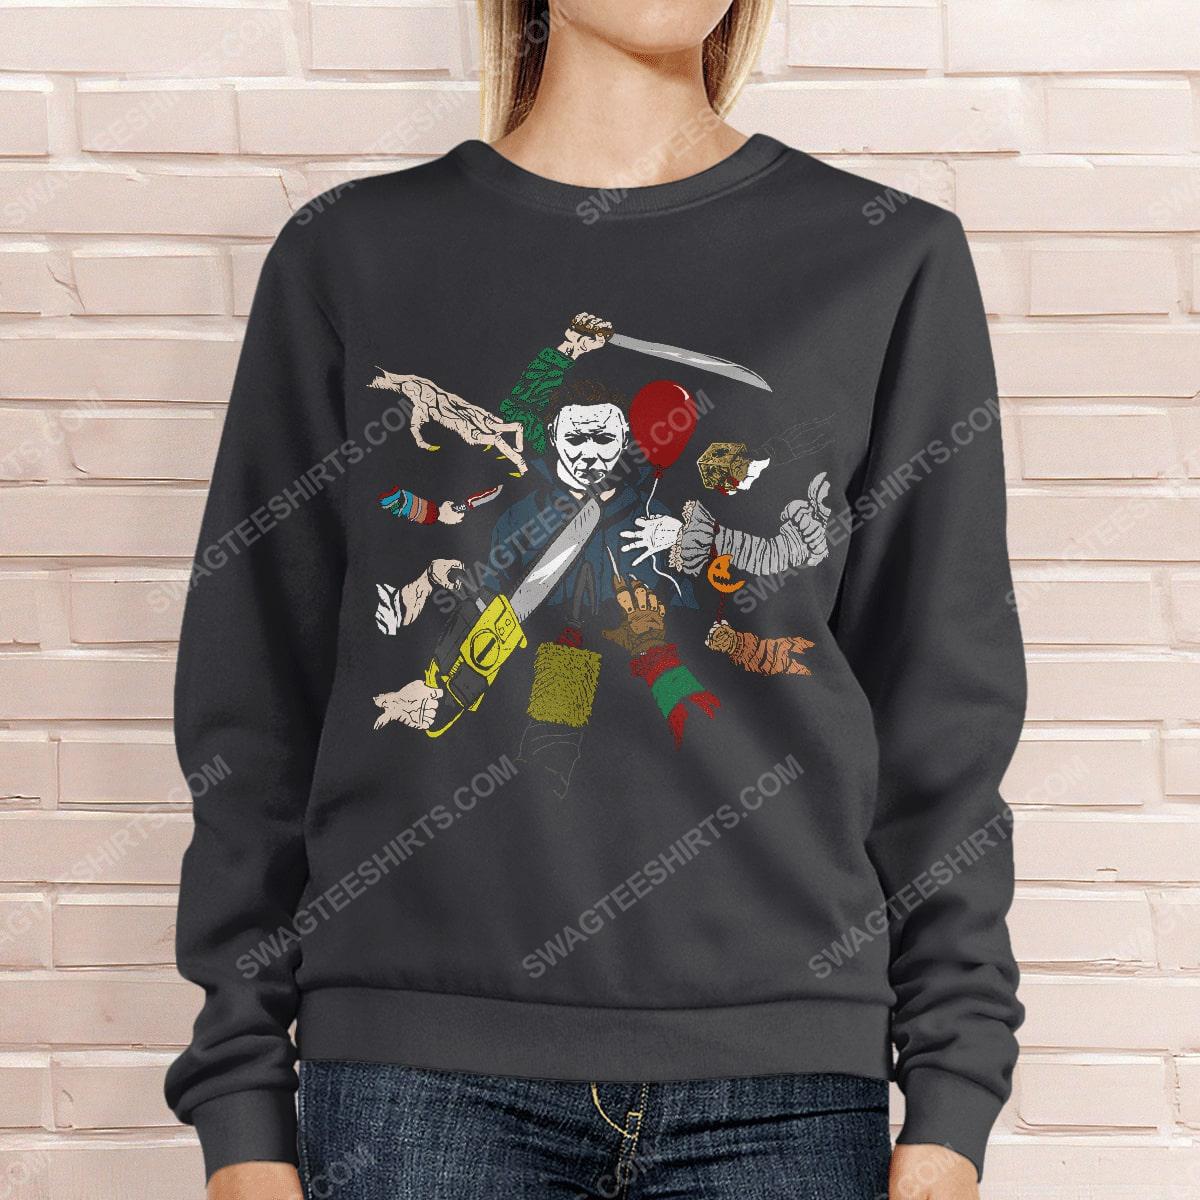 John wick and michael myers hallowick sweatshirt 1(1)